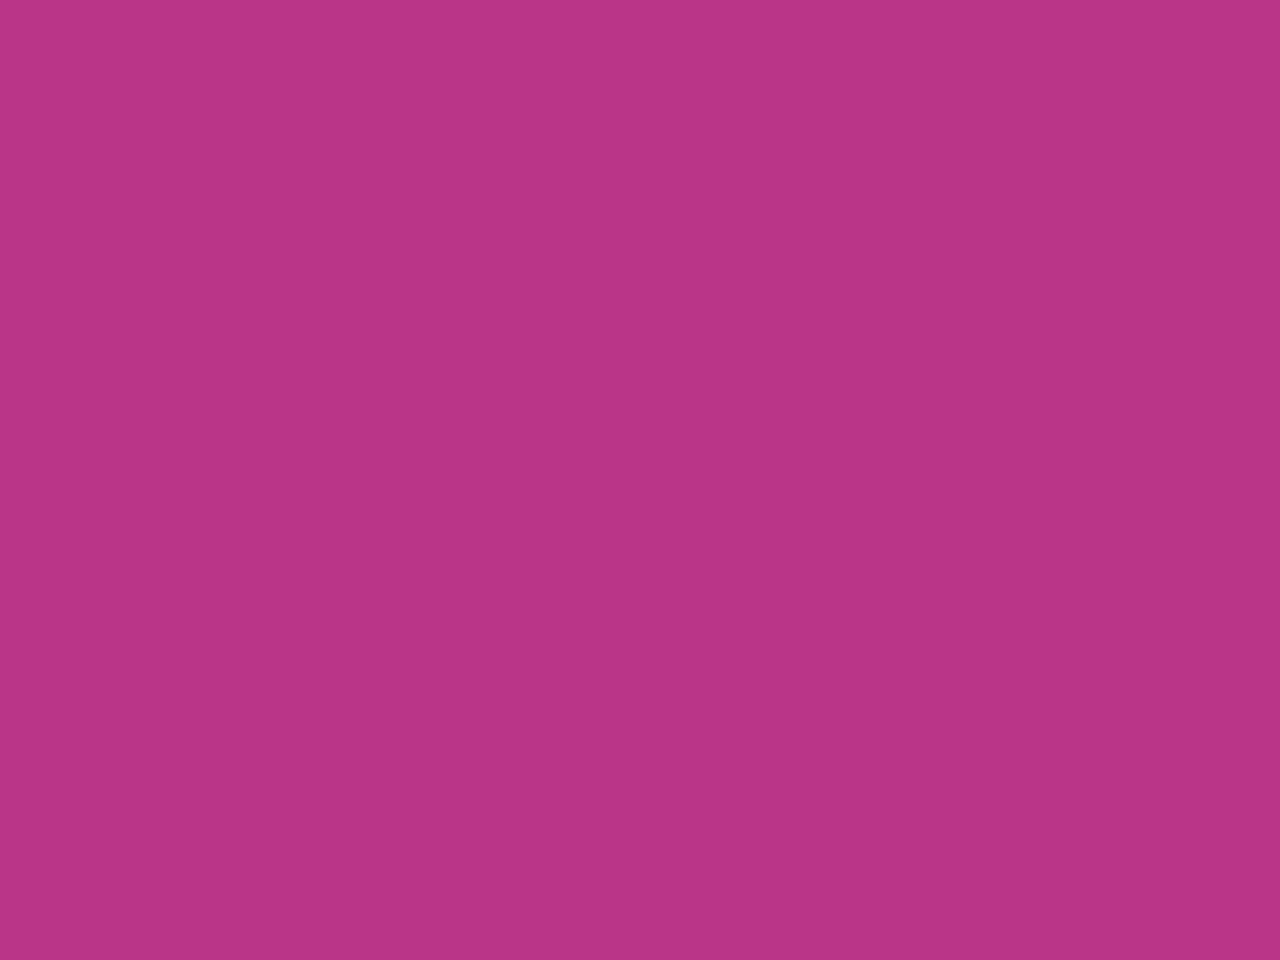 1280x960 Medium Red-violet Solid Color Background